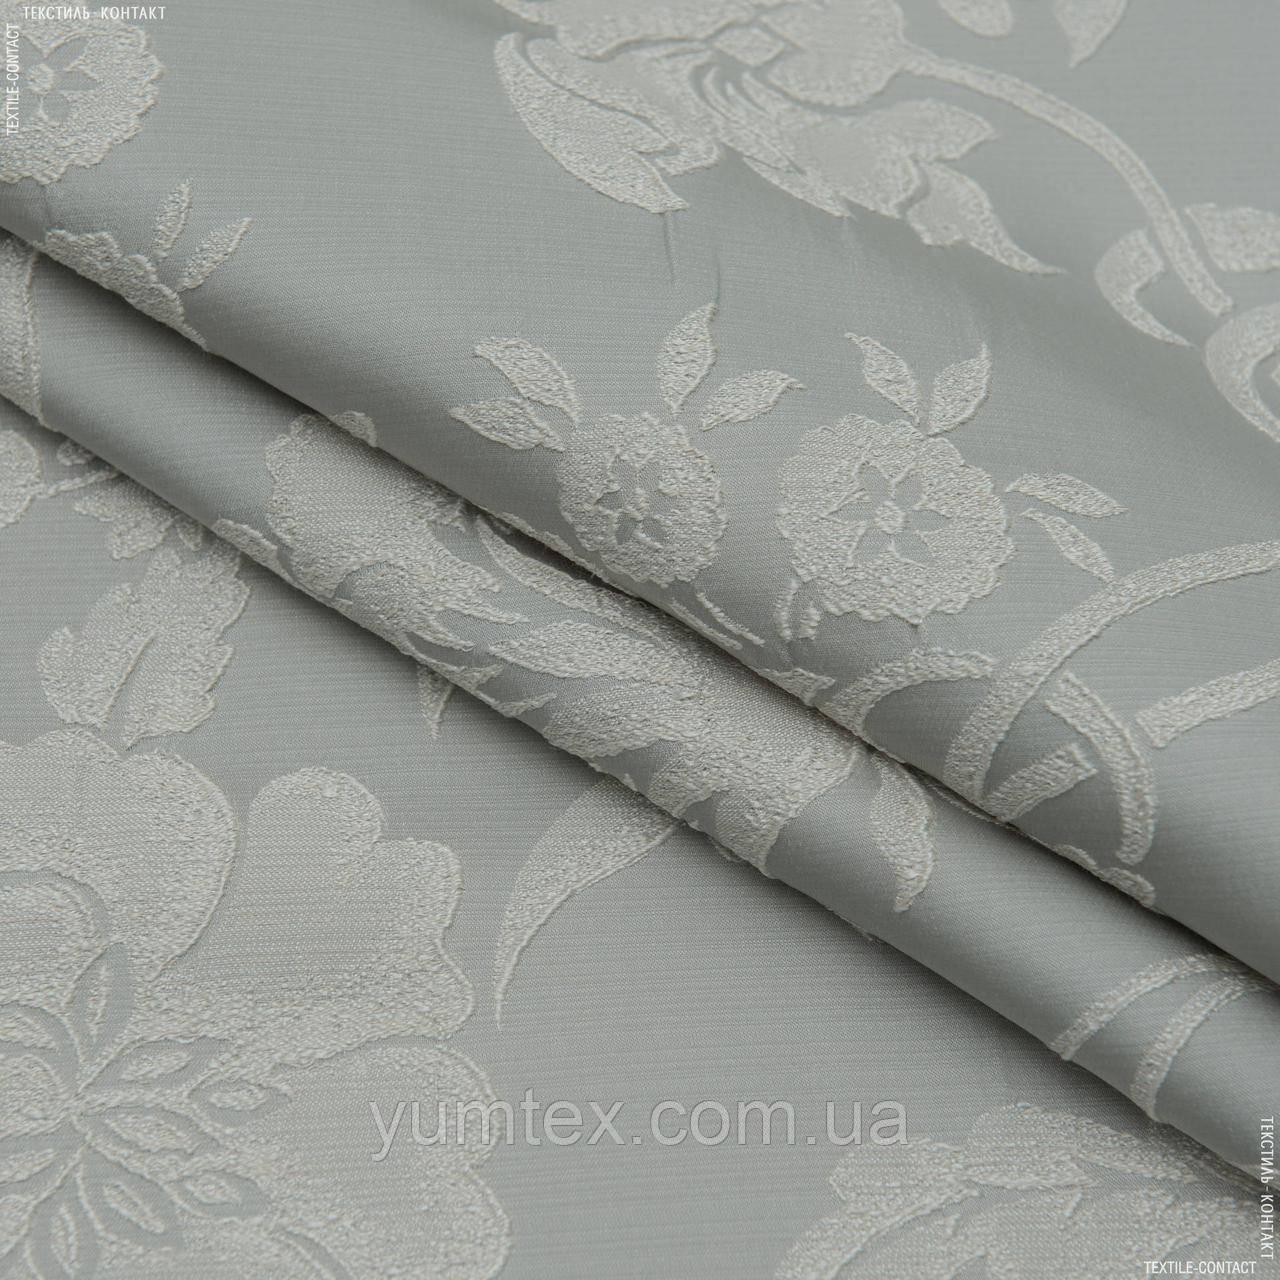 Декоративна тканина дрезден компаньйон квіти сірий 147279